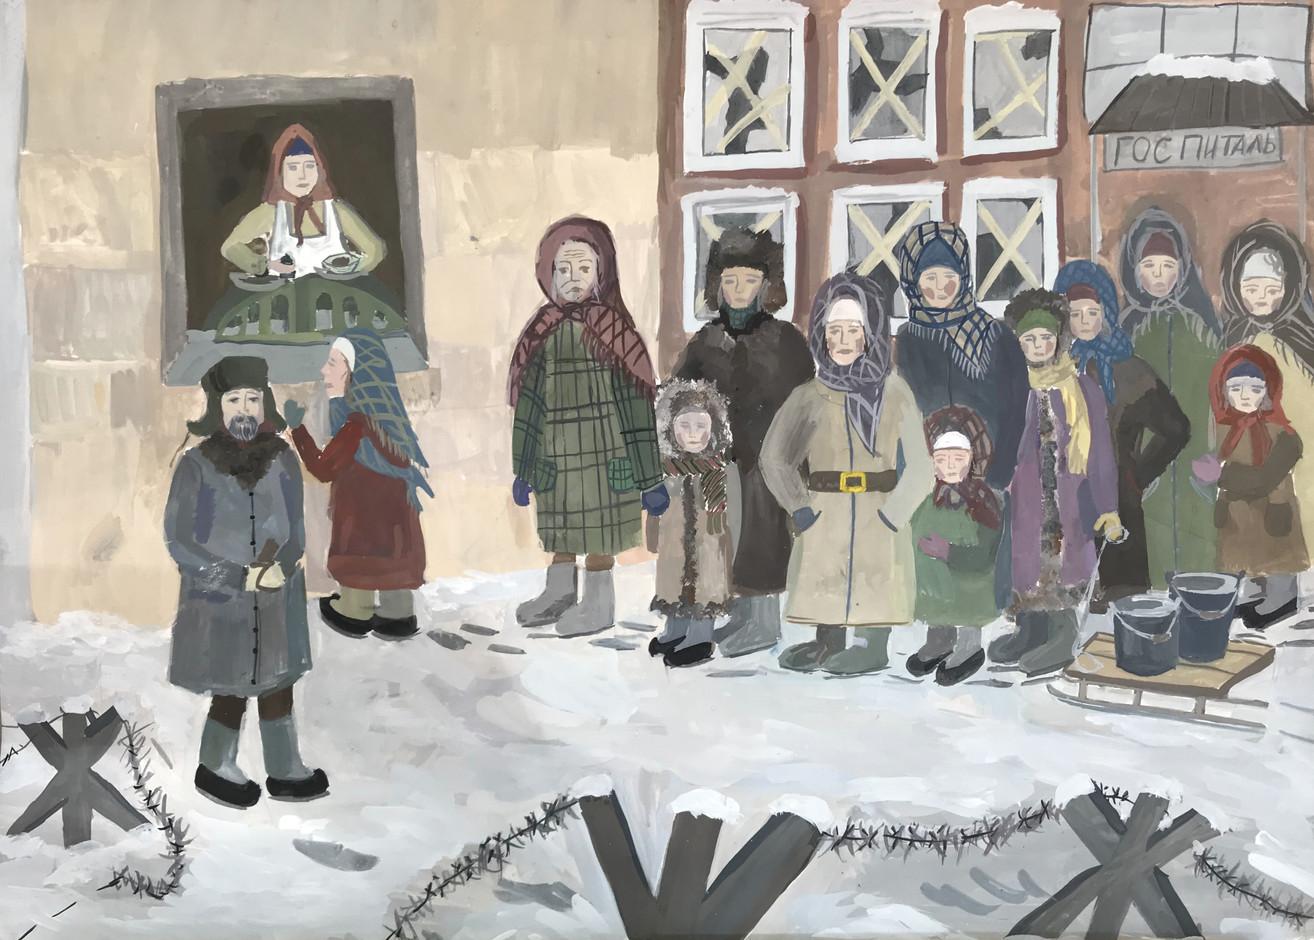 Маргарита Яскова 11 лет, В очереди за хлебом. Преподаватель Серова Н.Ю.